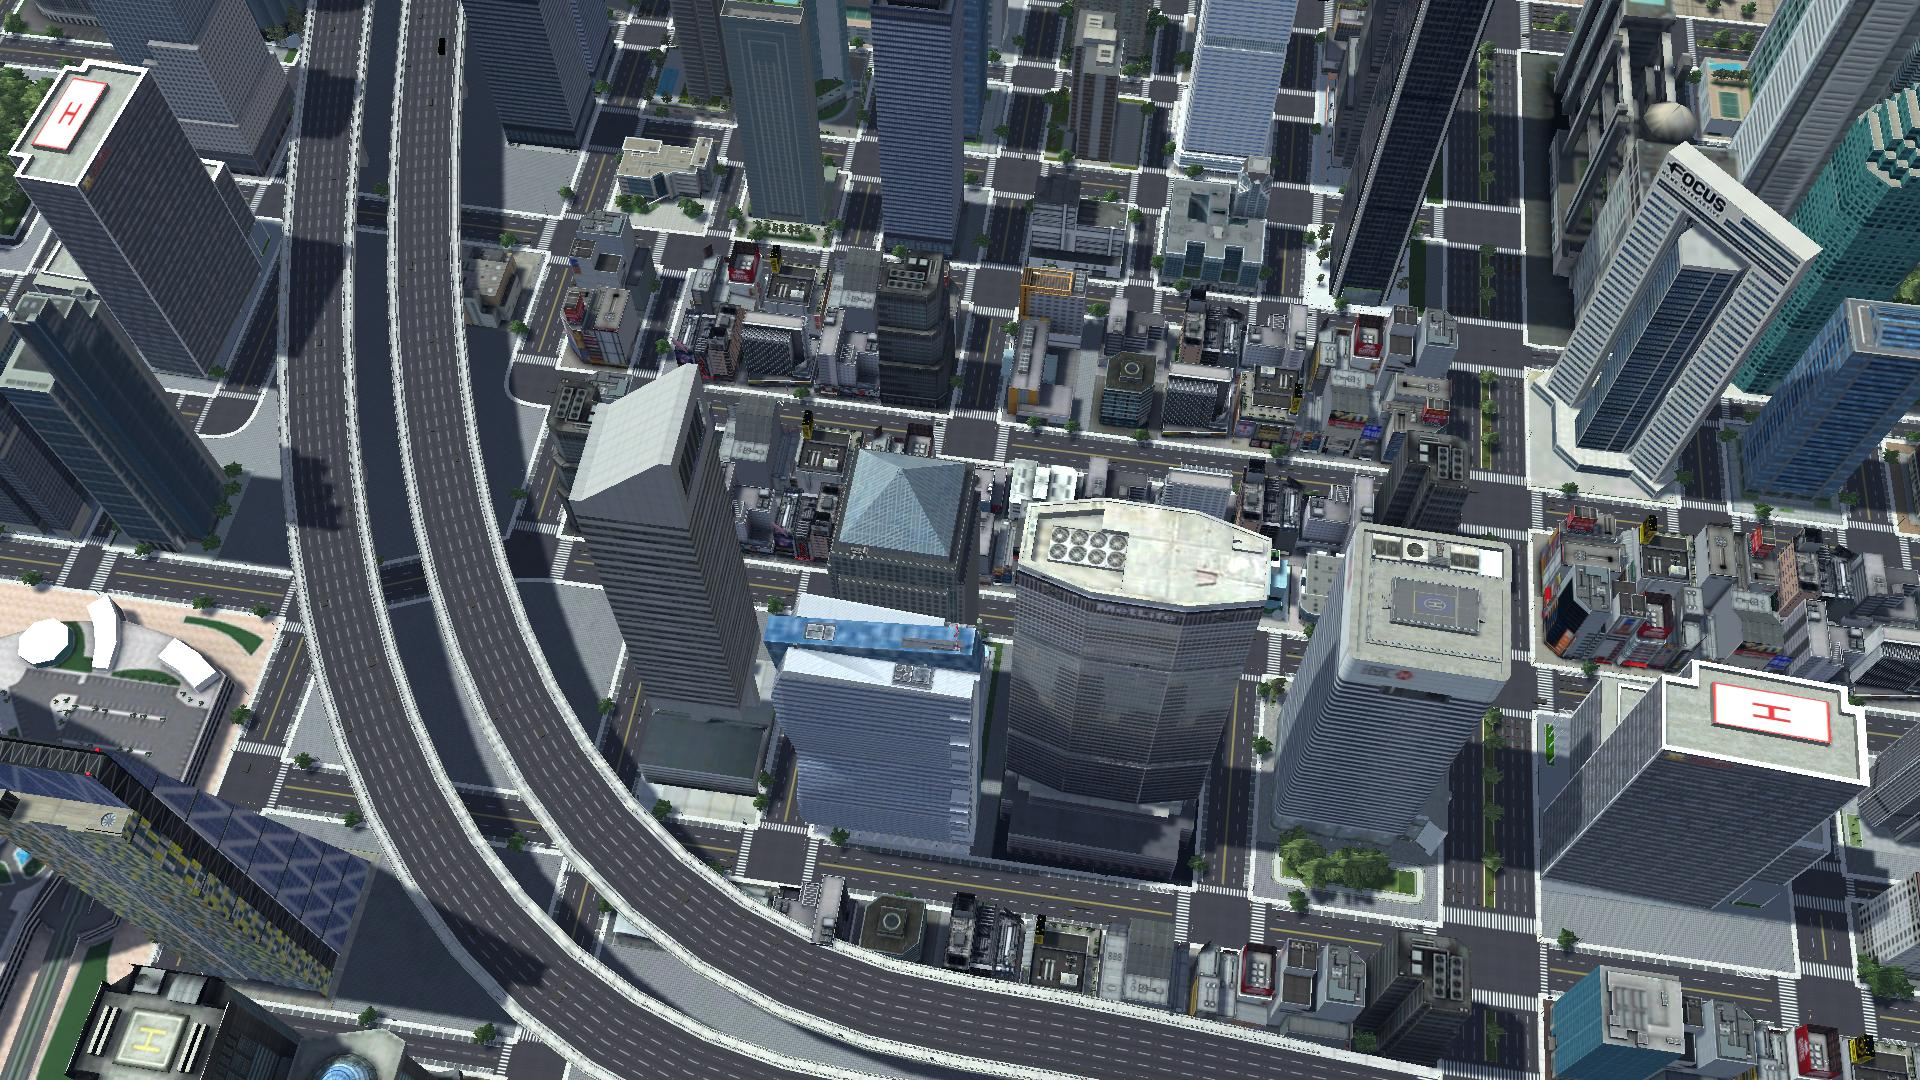 CitiesXL_2012 2014-11-06 02-02-13-81.jpg